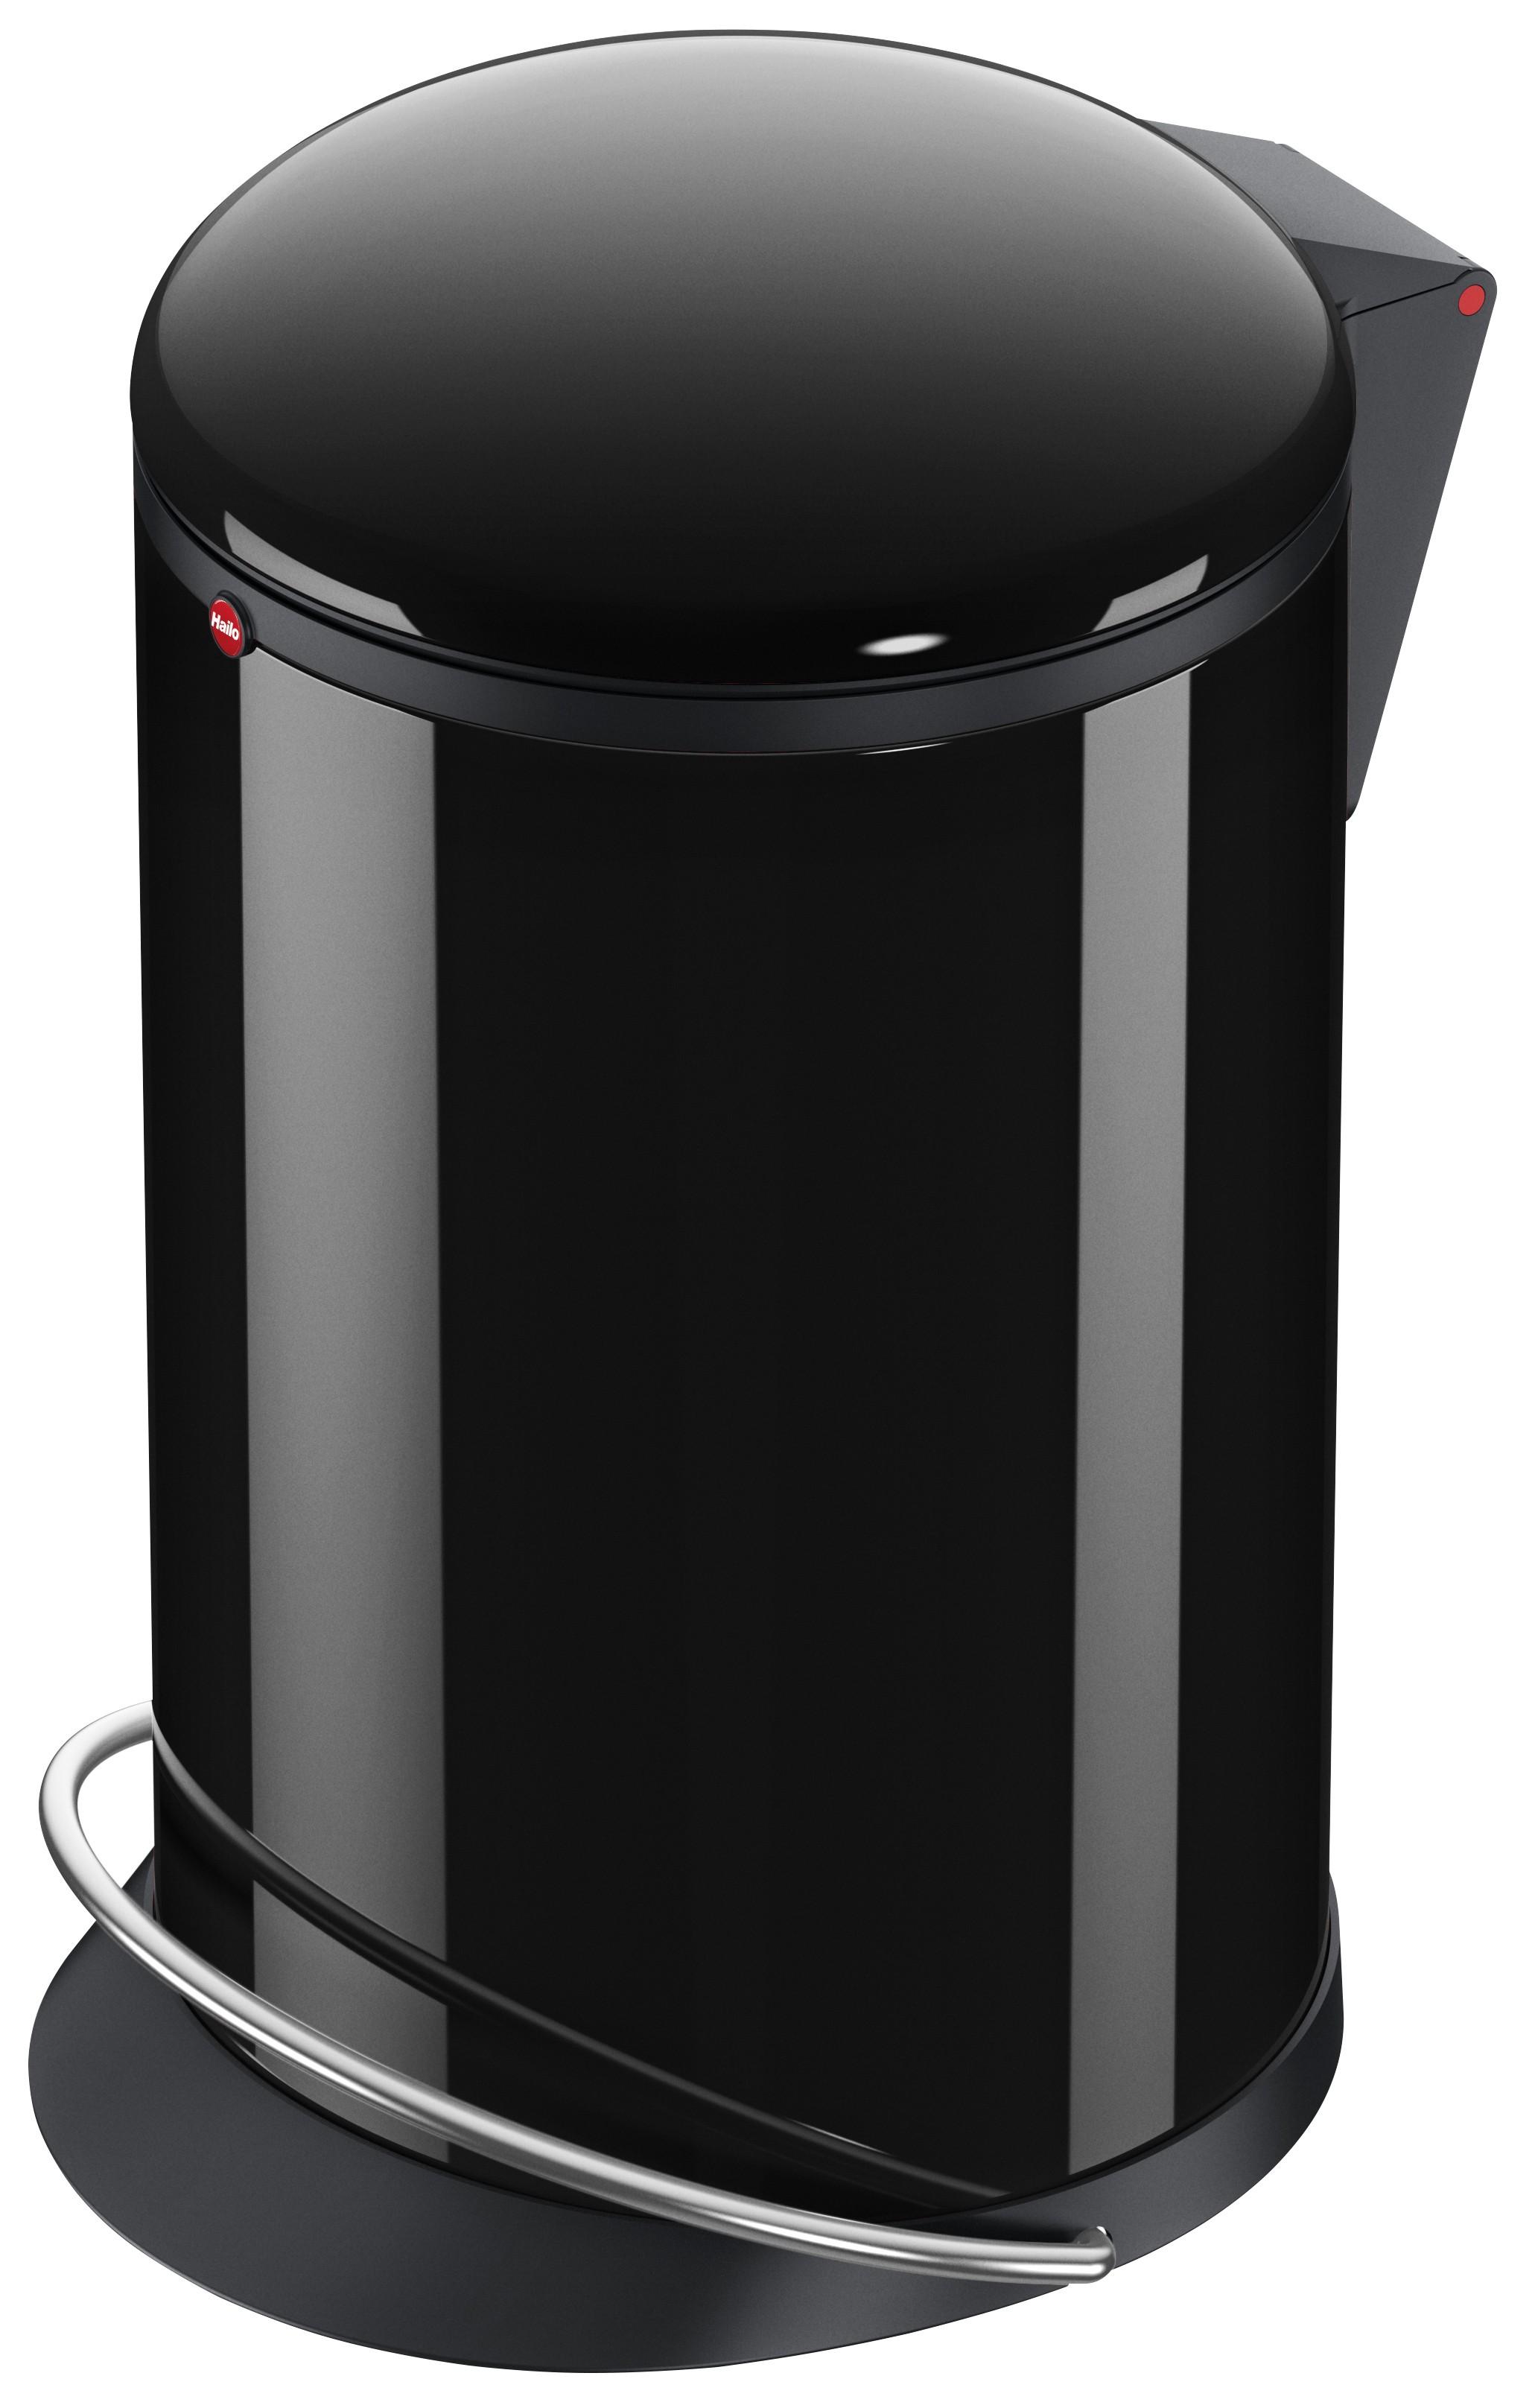 Hailo Harmony M, schwarz, 12 Liter, Inneneimer: Kunststoff, schwarz, Tret-Abfallsammler